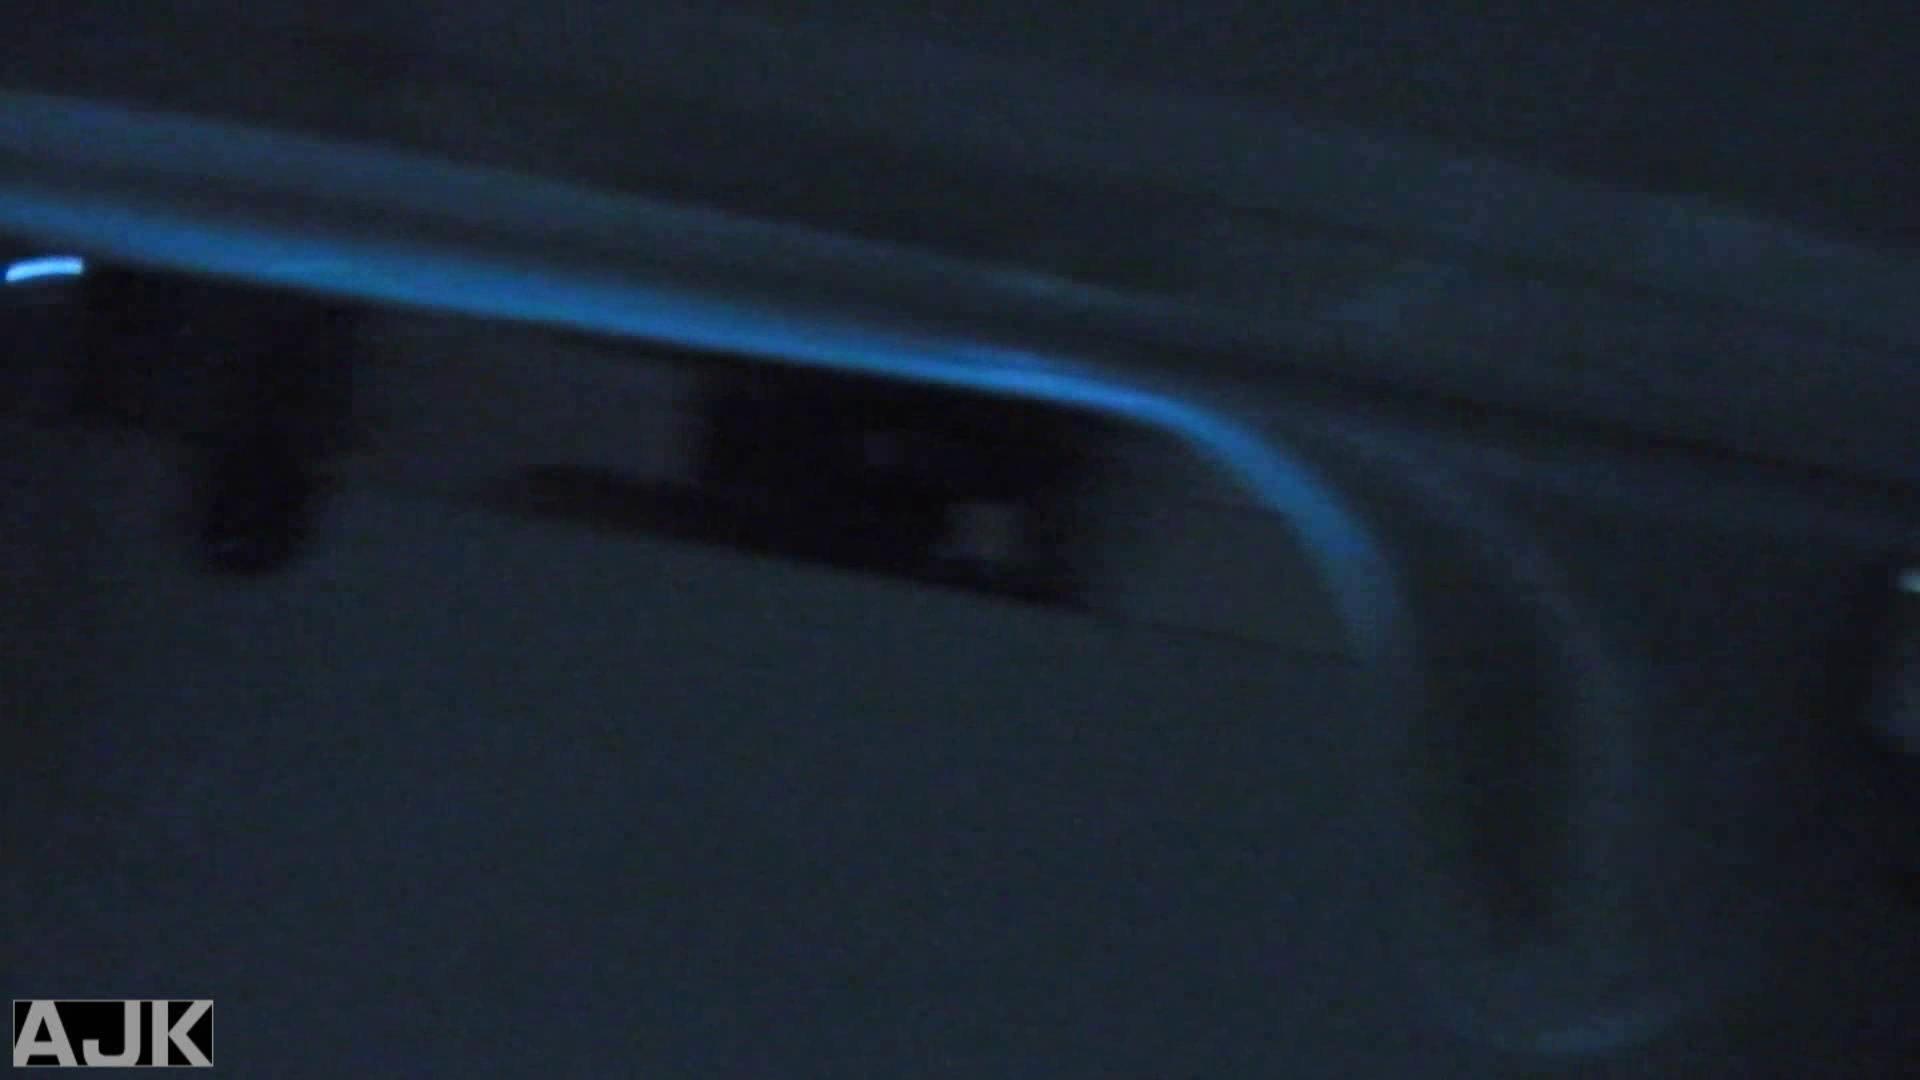 神降臨!史上最強の潜入かわや! vol.05 美女ヌード 盗撮動画紹介 81画像 40